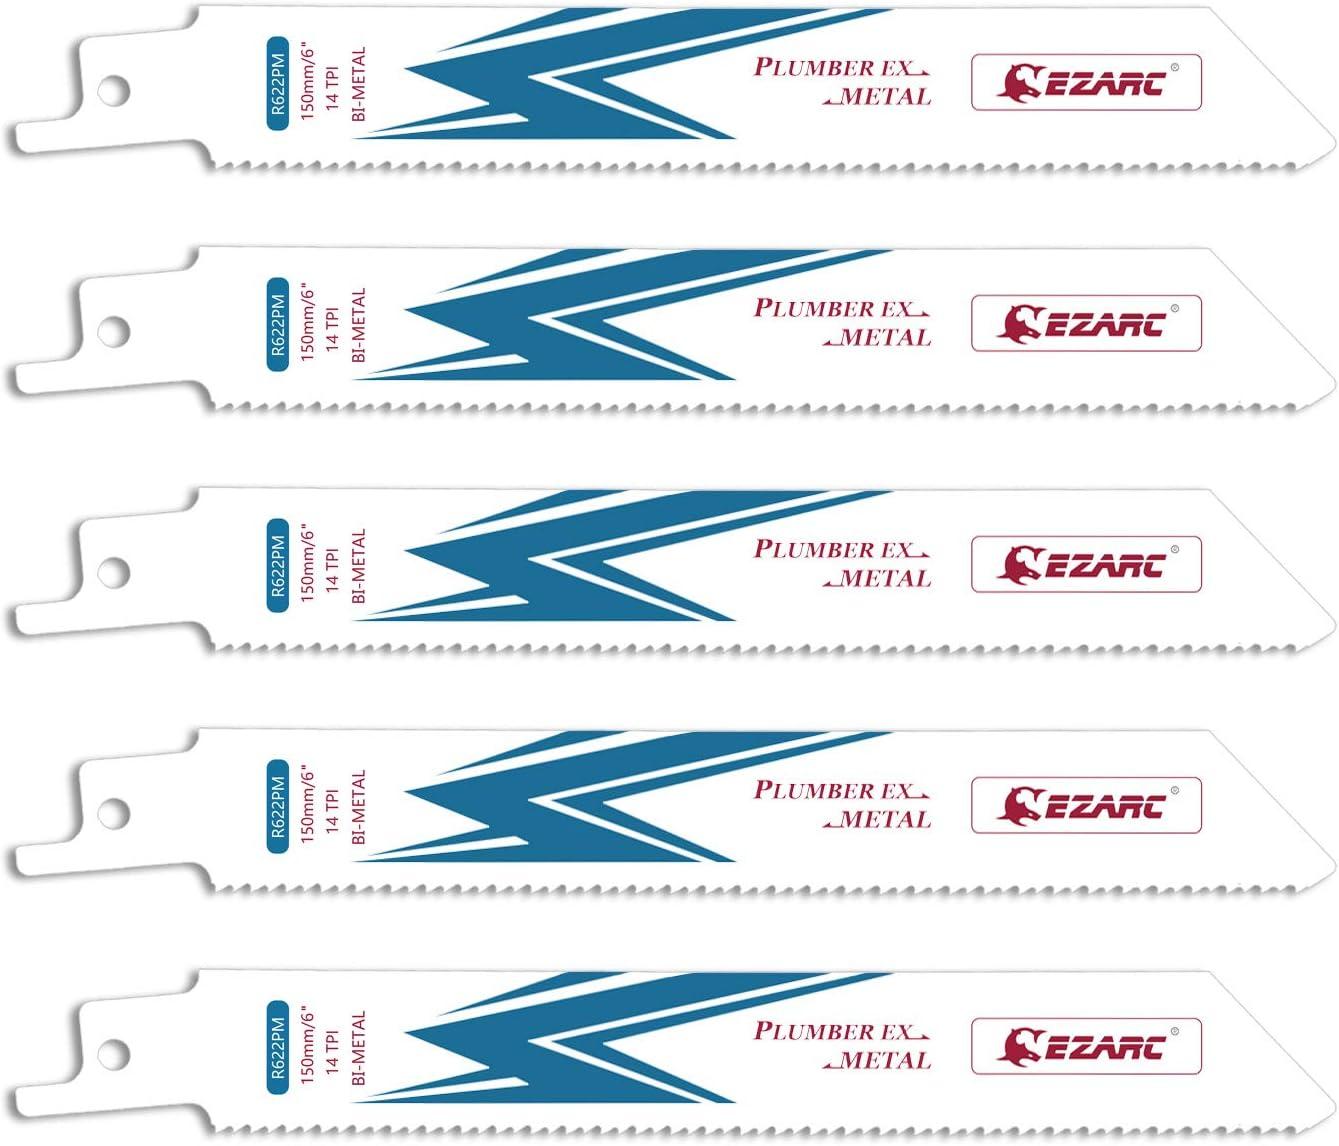 EZARC Hojas de sierra sable Bimetálica Cobalt R622PM 150mm 14TPI puede Cortar Metales - 5 piezas